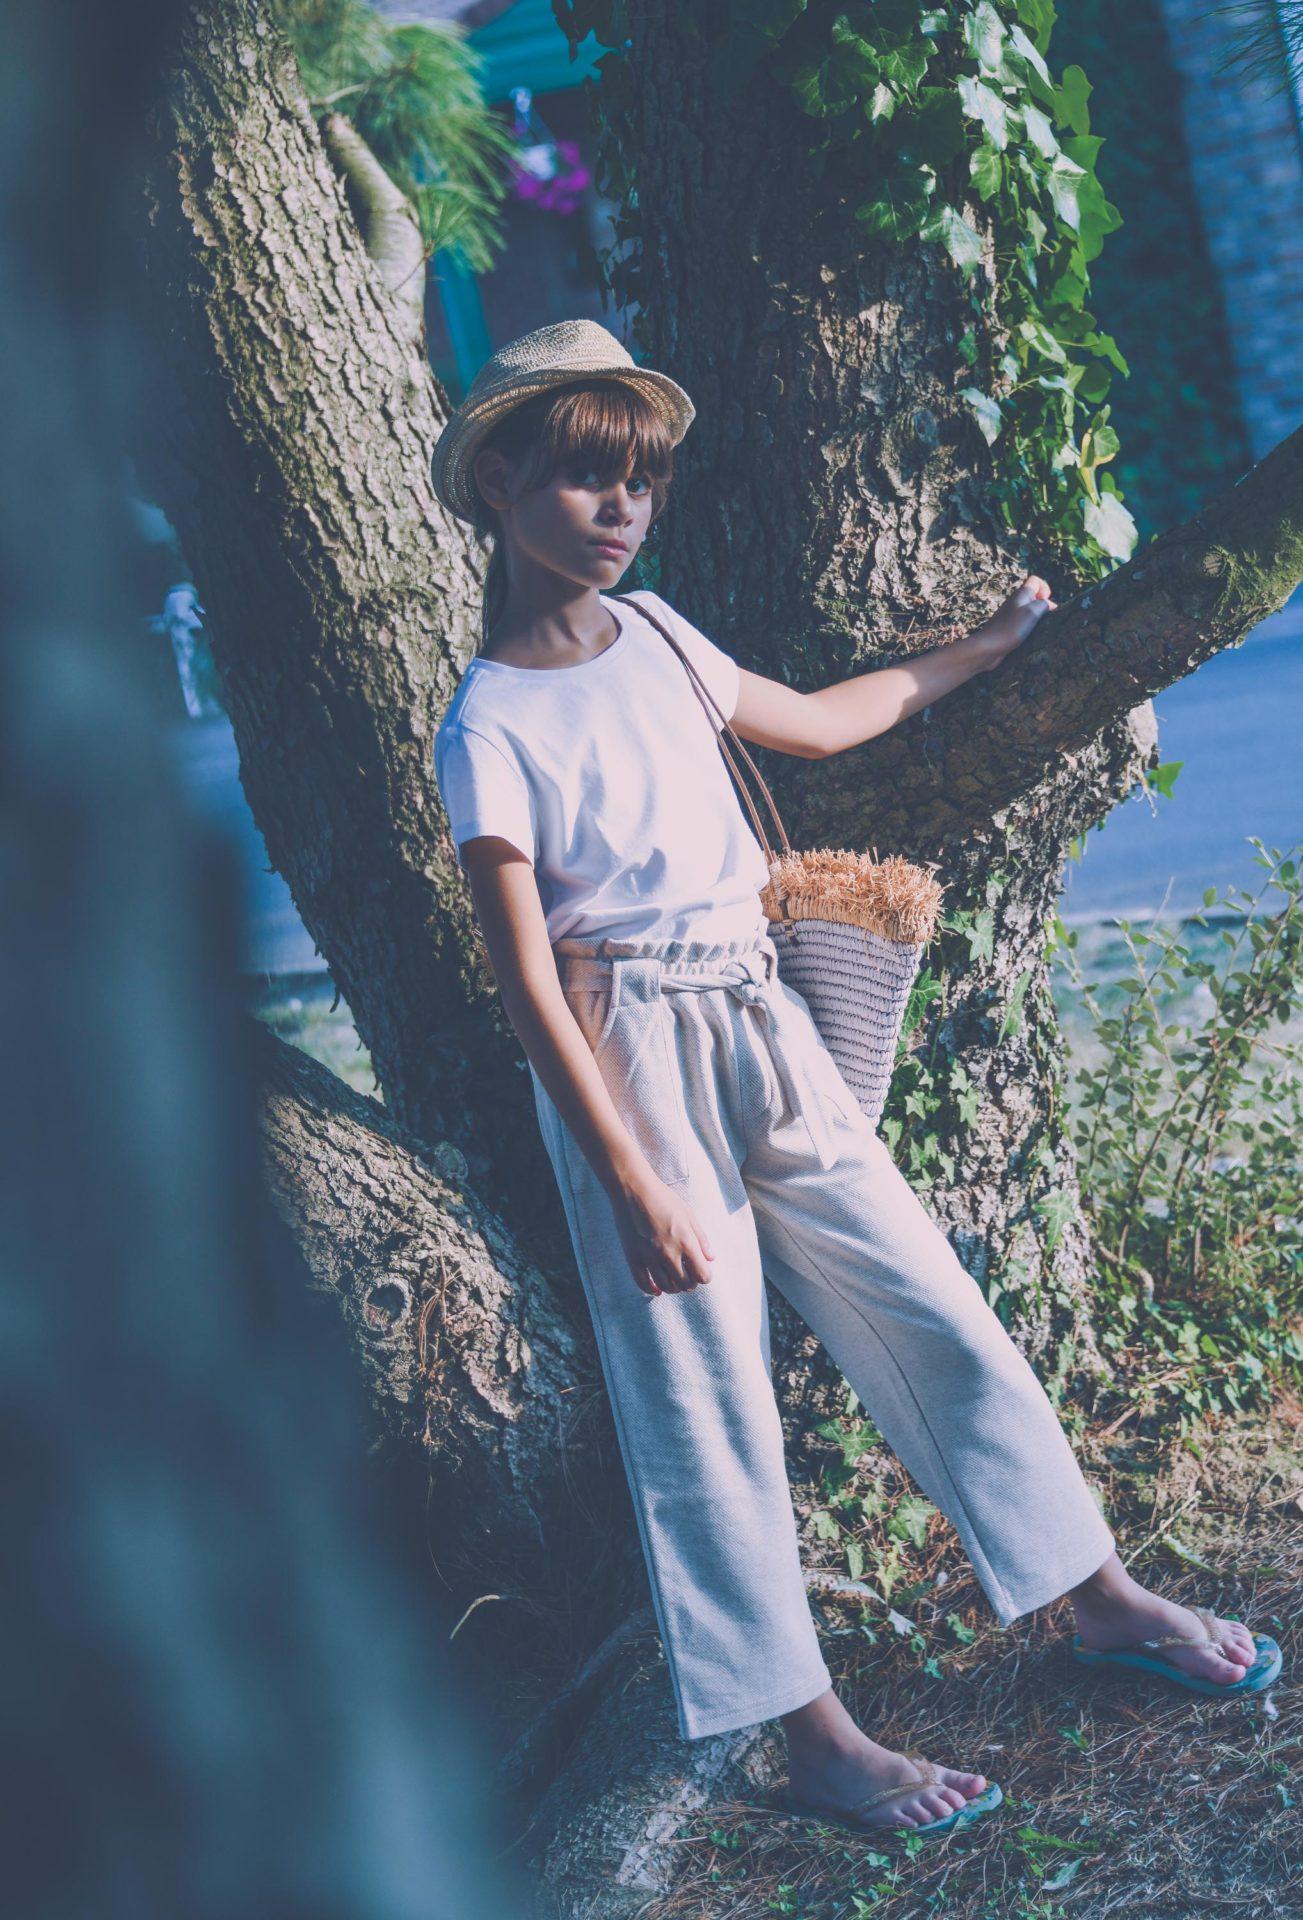 Laurent-scavone-photos-mode-enfants